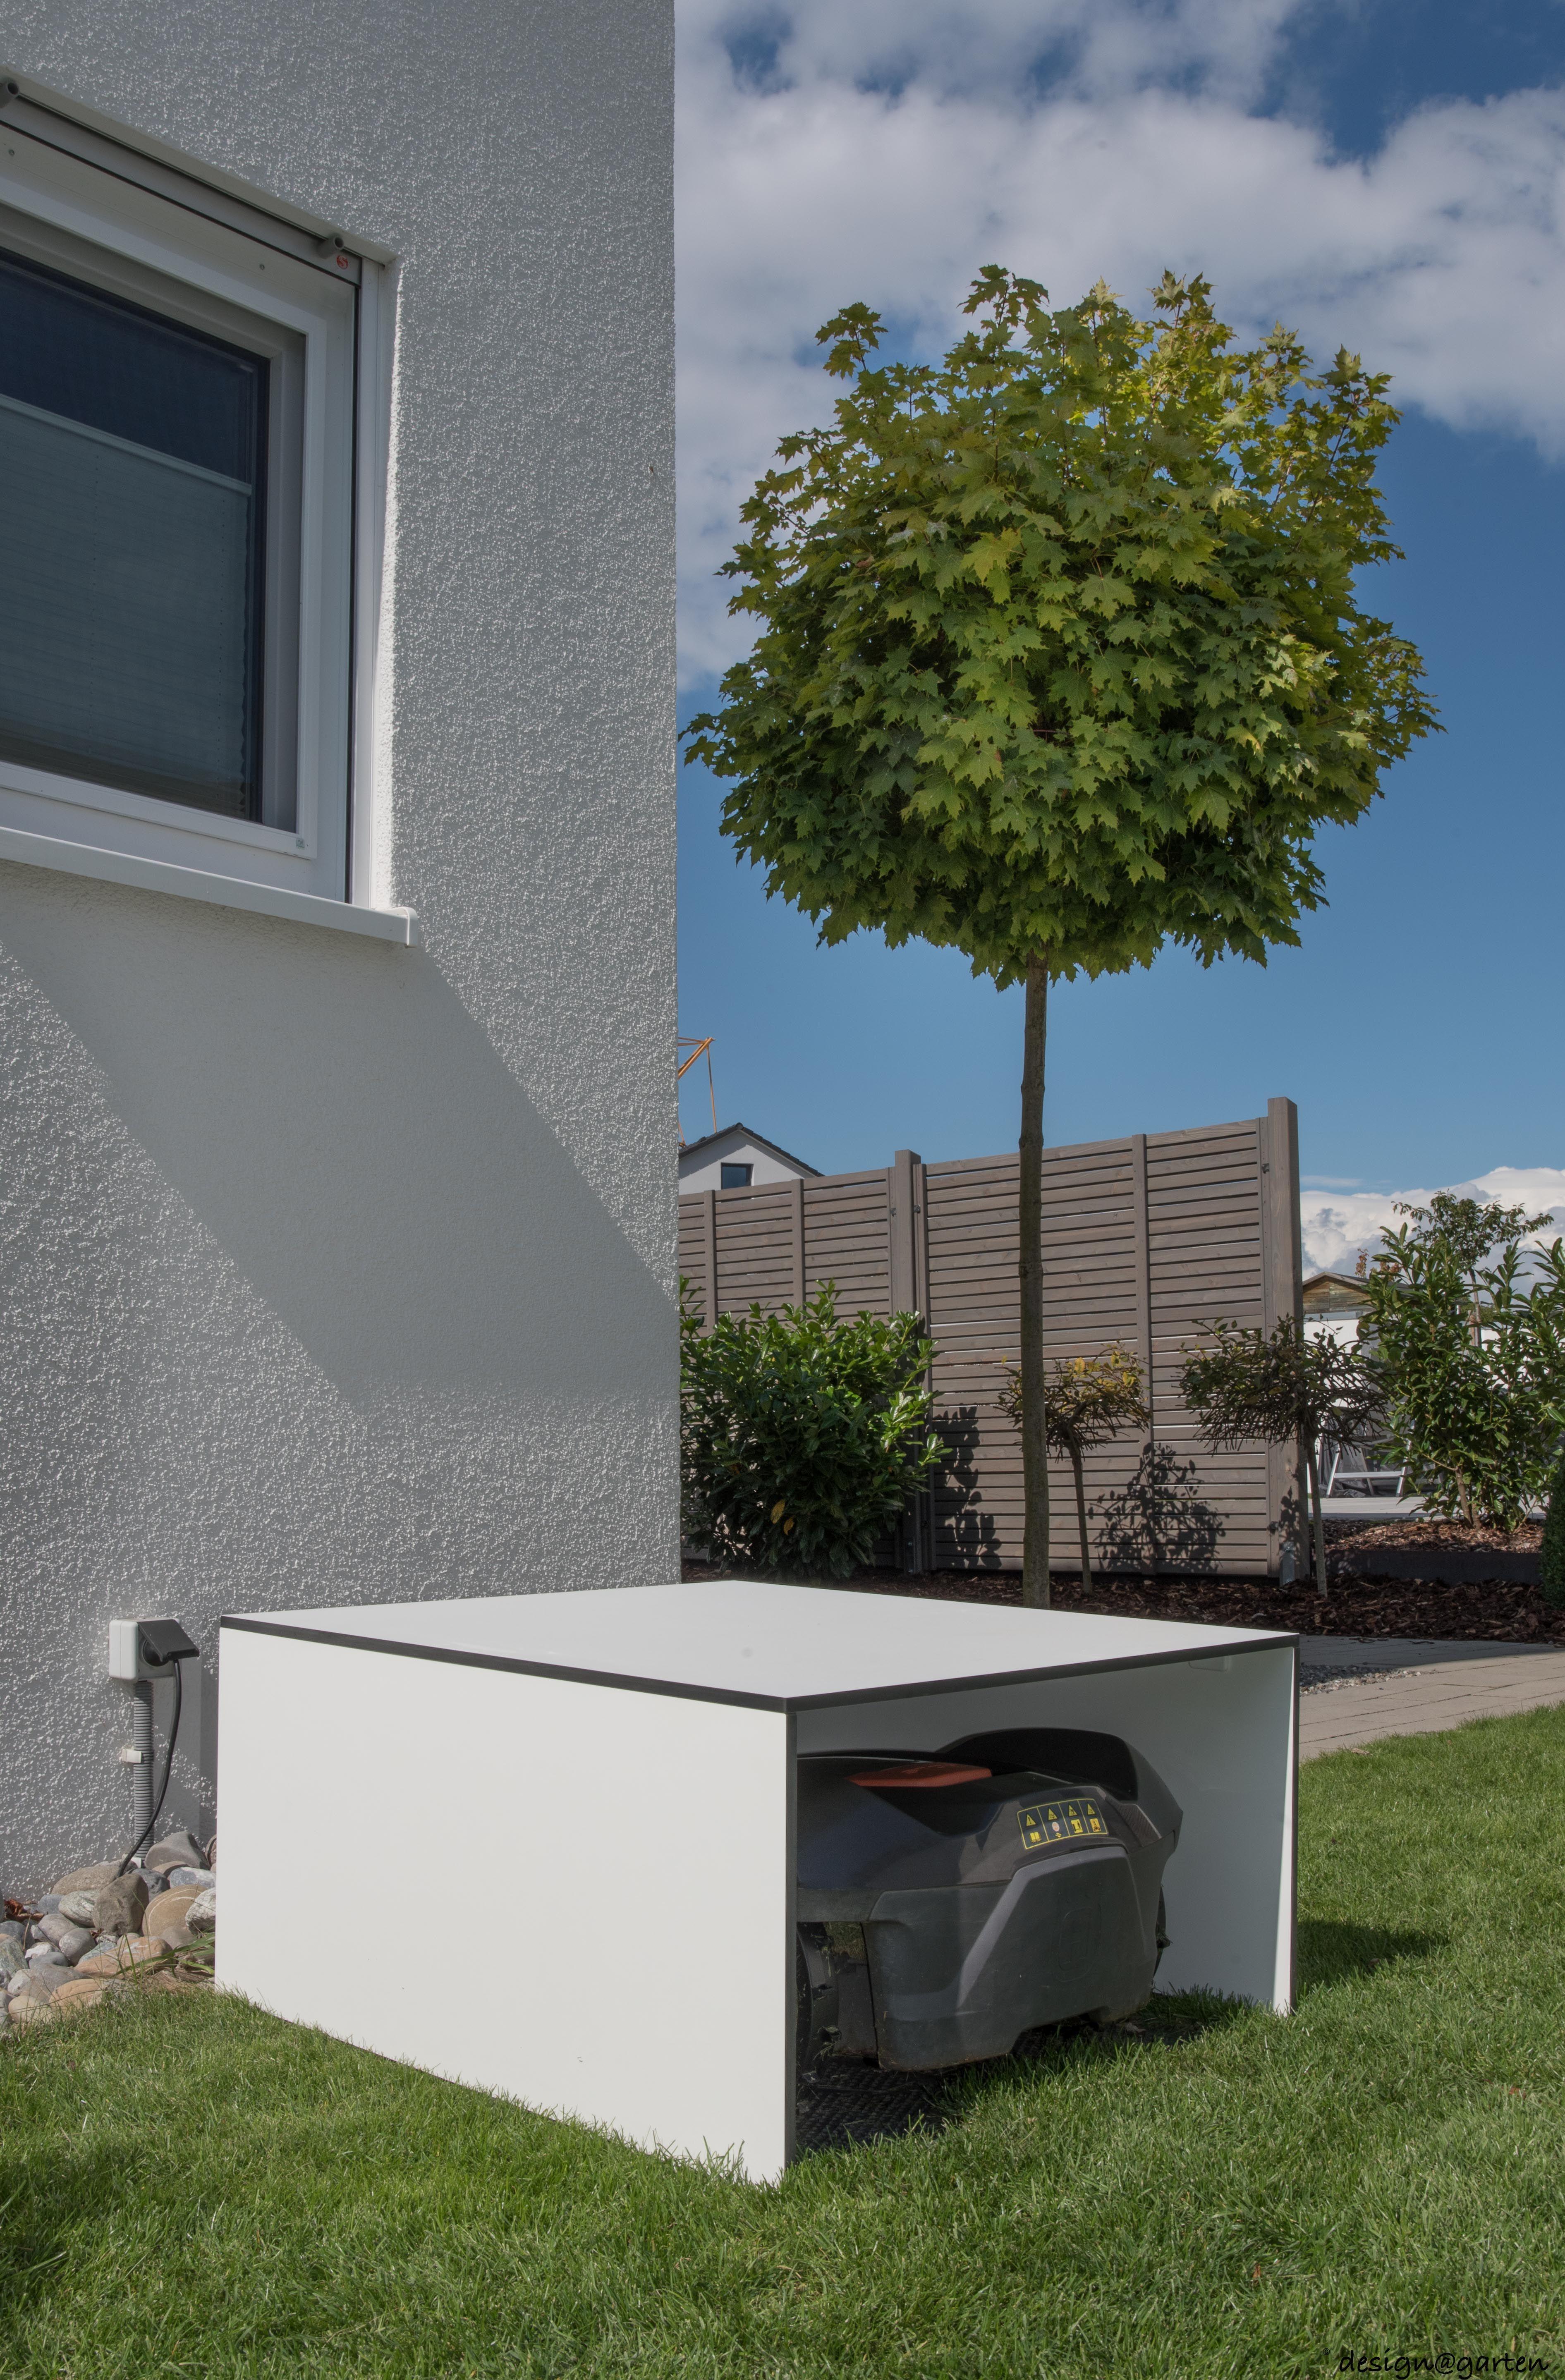 Mähroboter Garage In Friedrichshafen By Design At Garten Augsburg